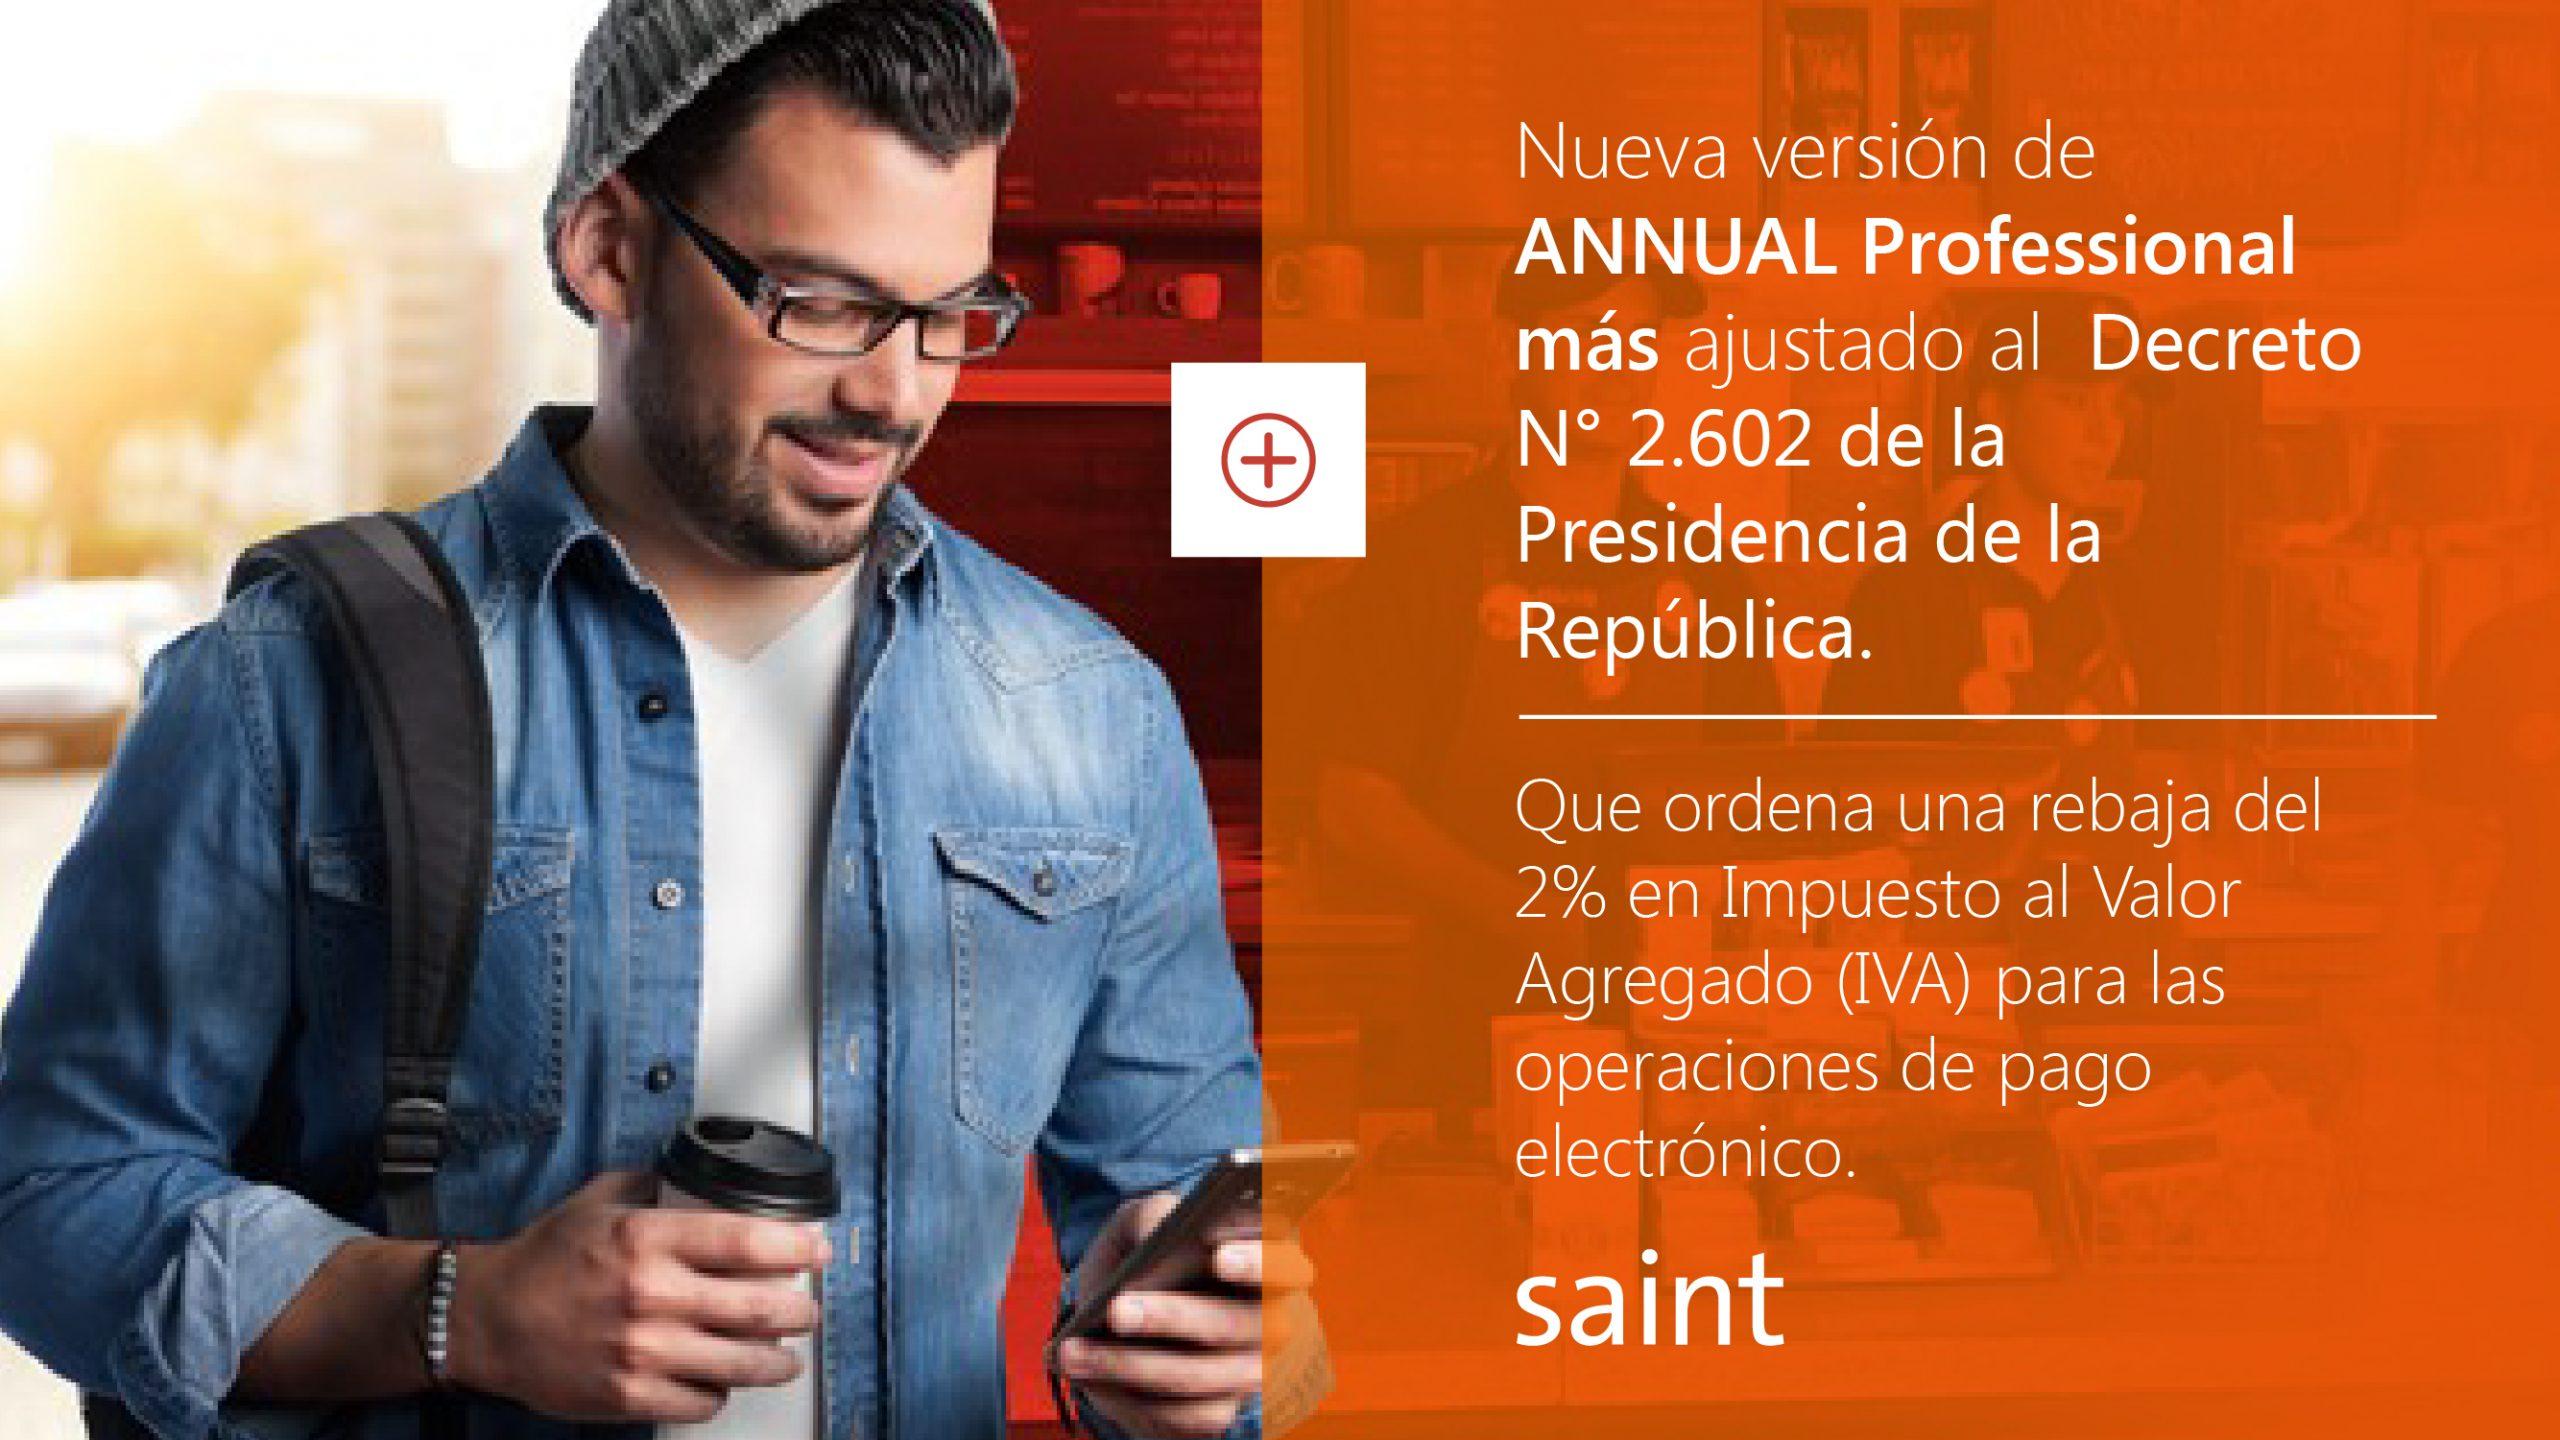 Venezuela: nueva versión de Professional más, ajustado al decreto 2.602